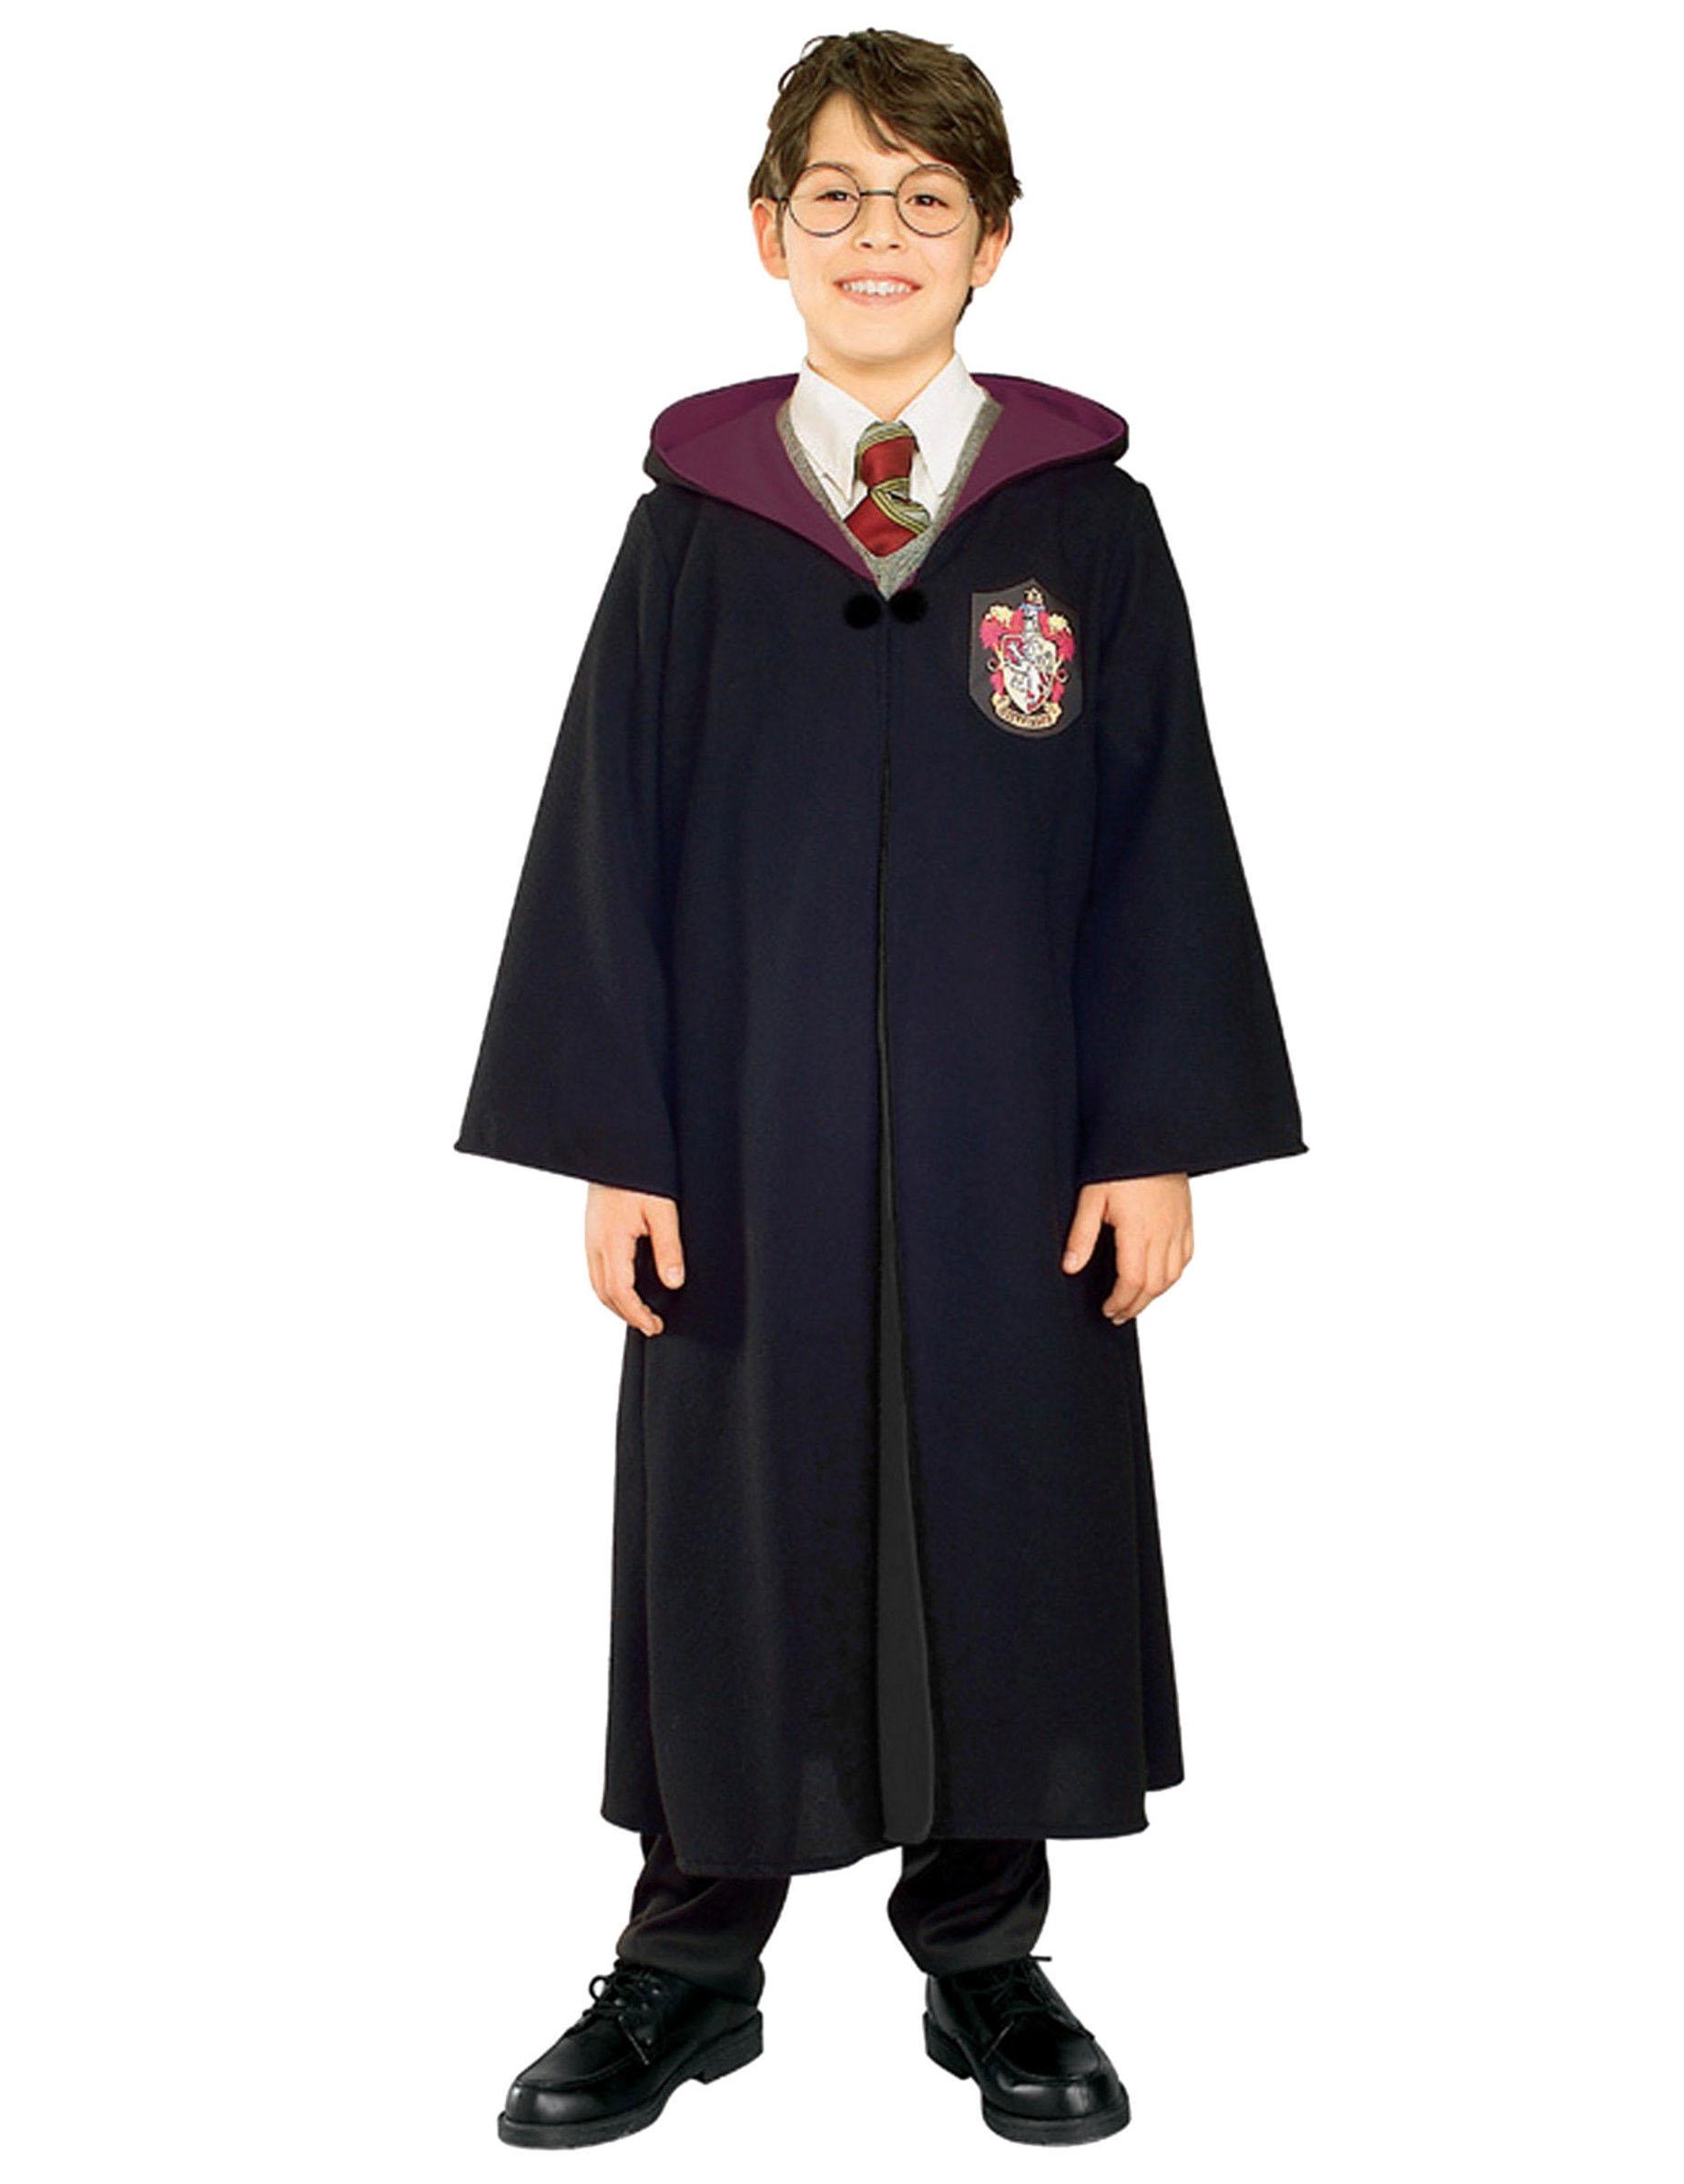 nouveau style une performance supérieure réputation fiable Déguisement luxe robe de sorcier Gryffondor Harry Potter™ enfant